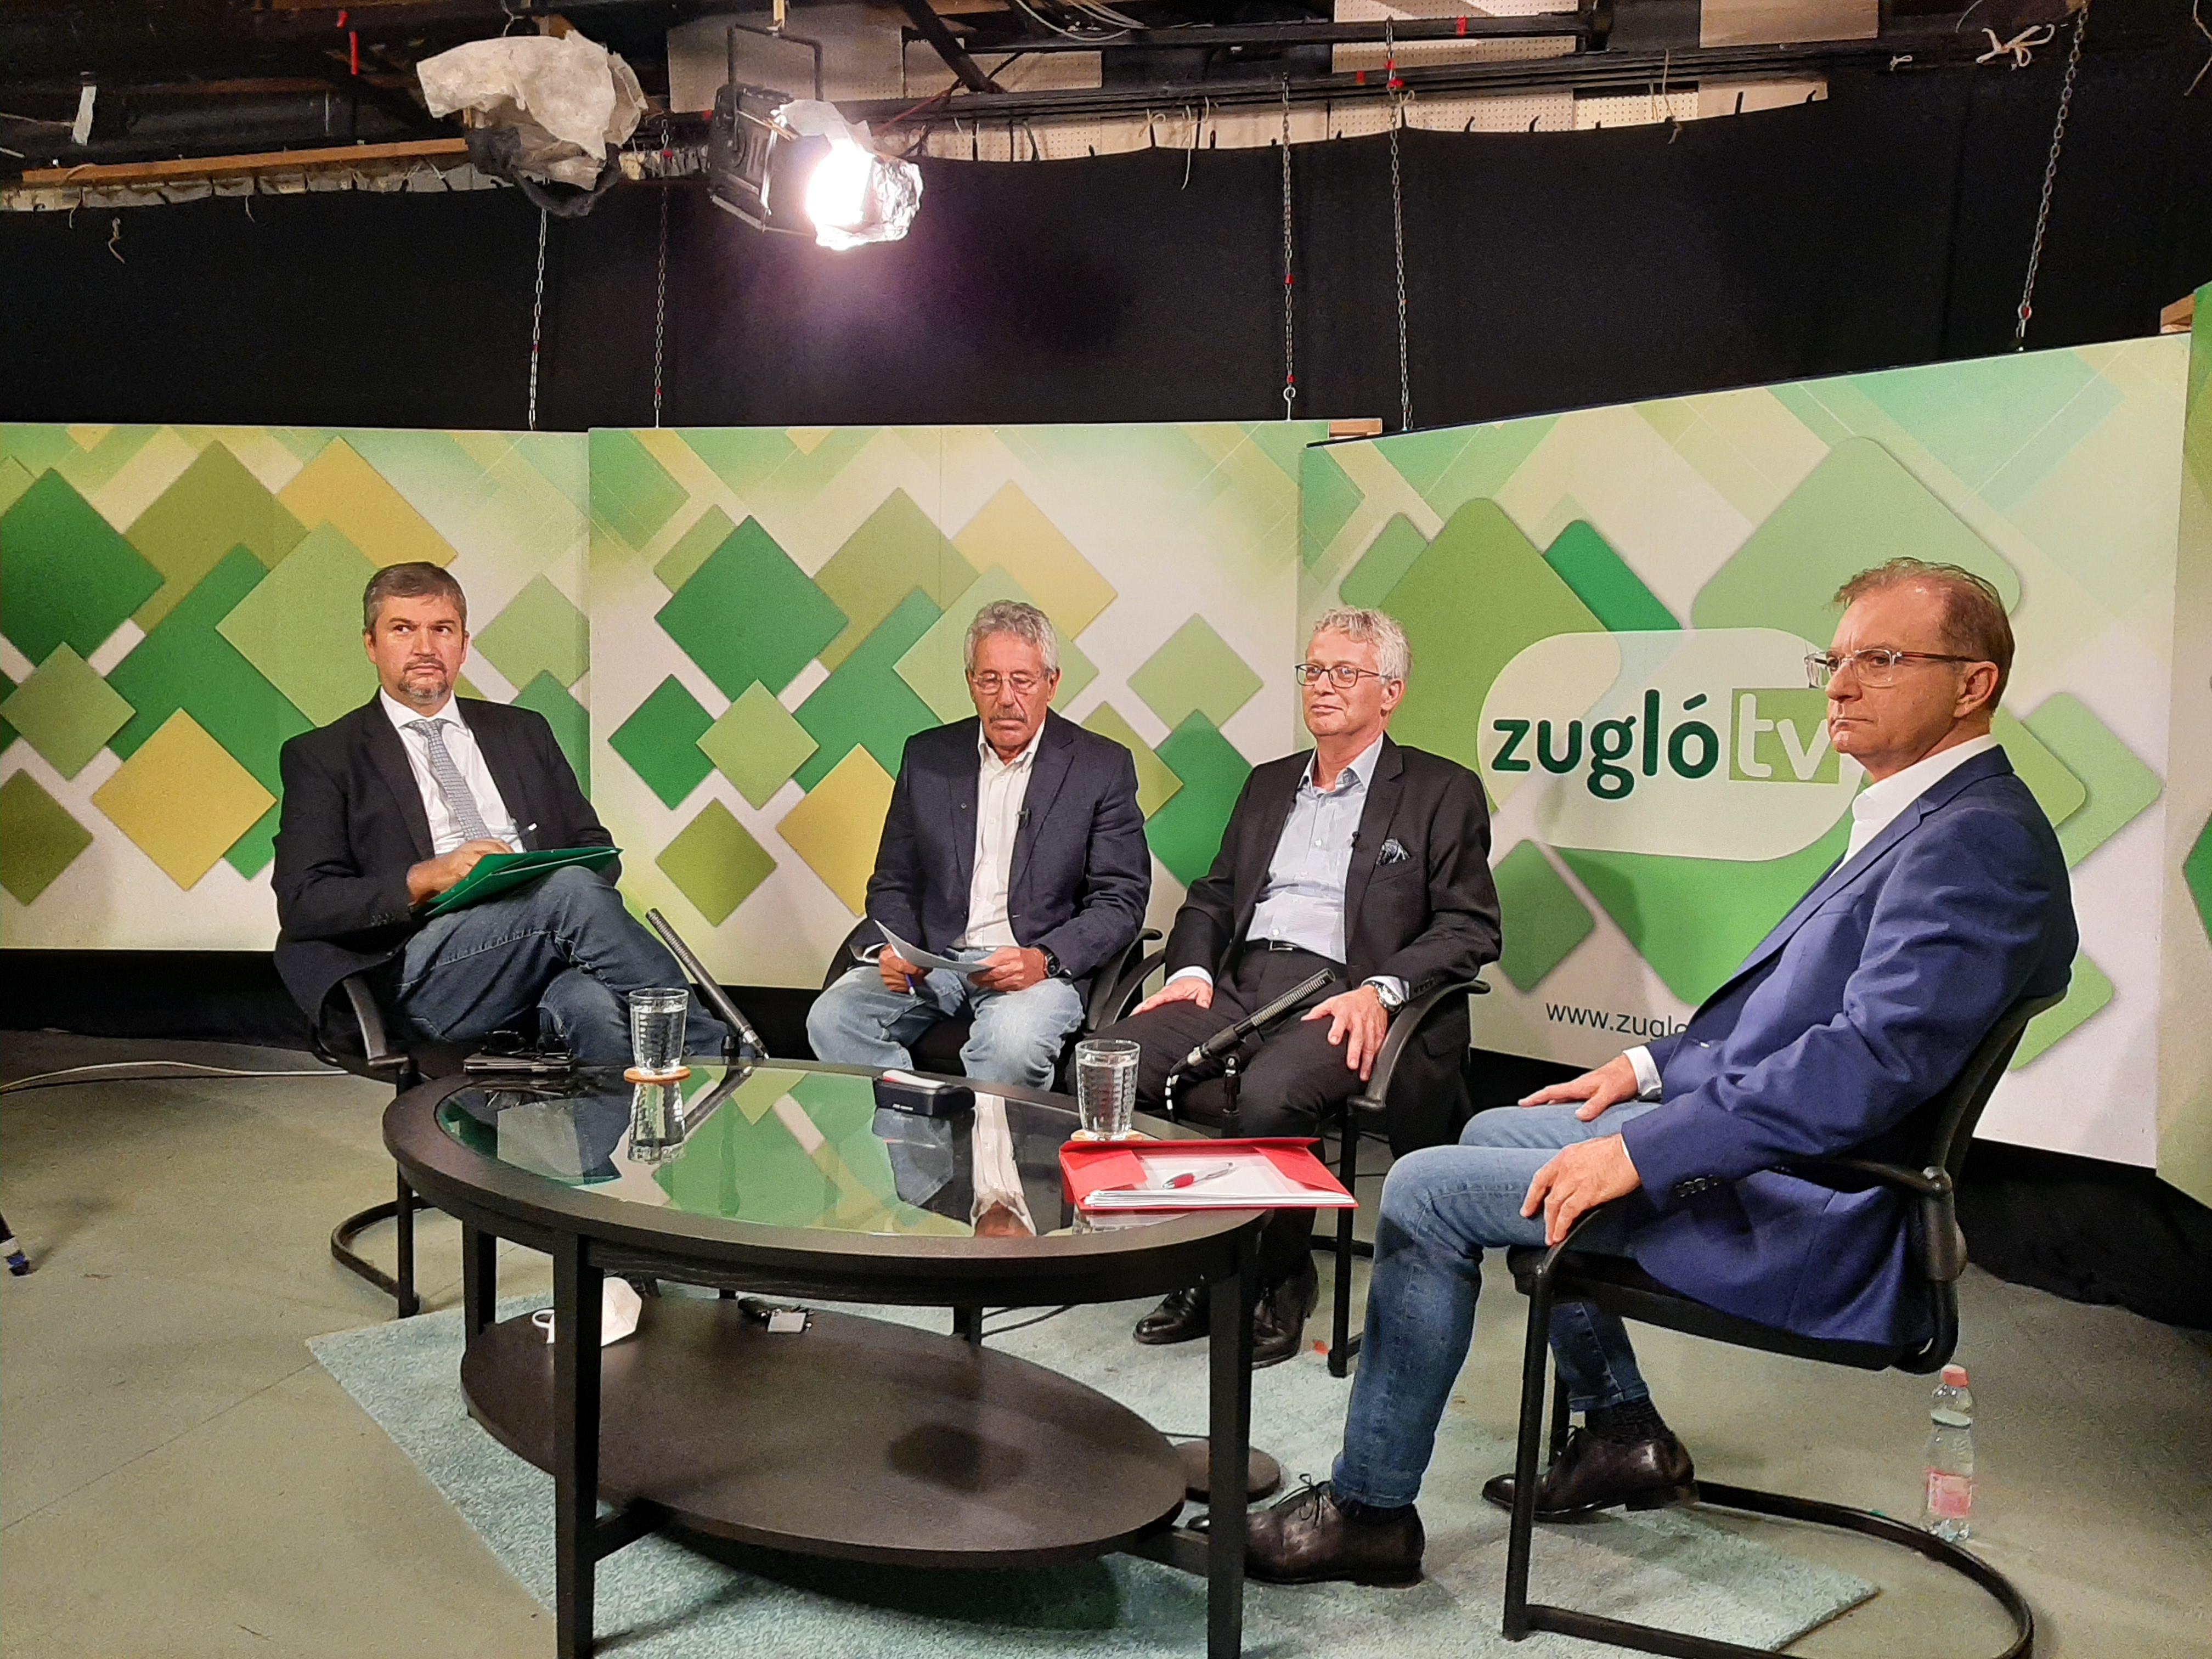 Összejött a vita Hadházy Ákos és Tóth Csaba között Zuglóban